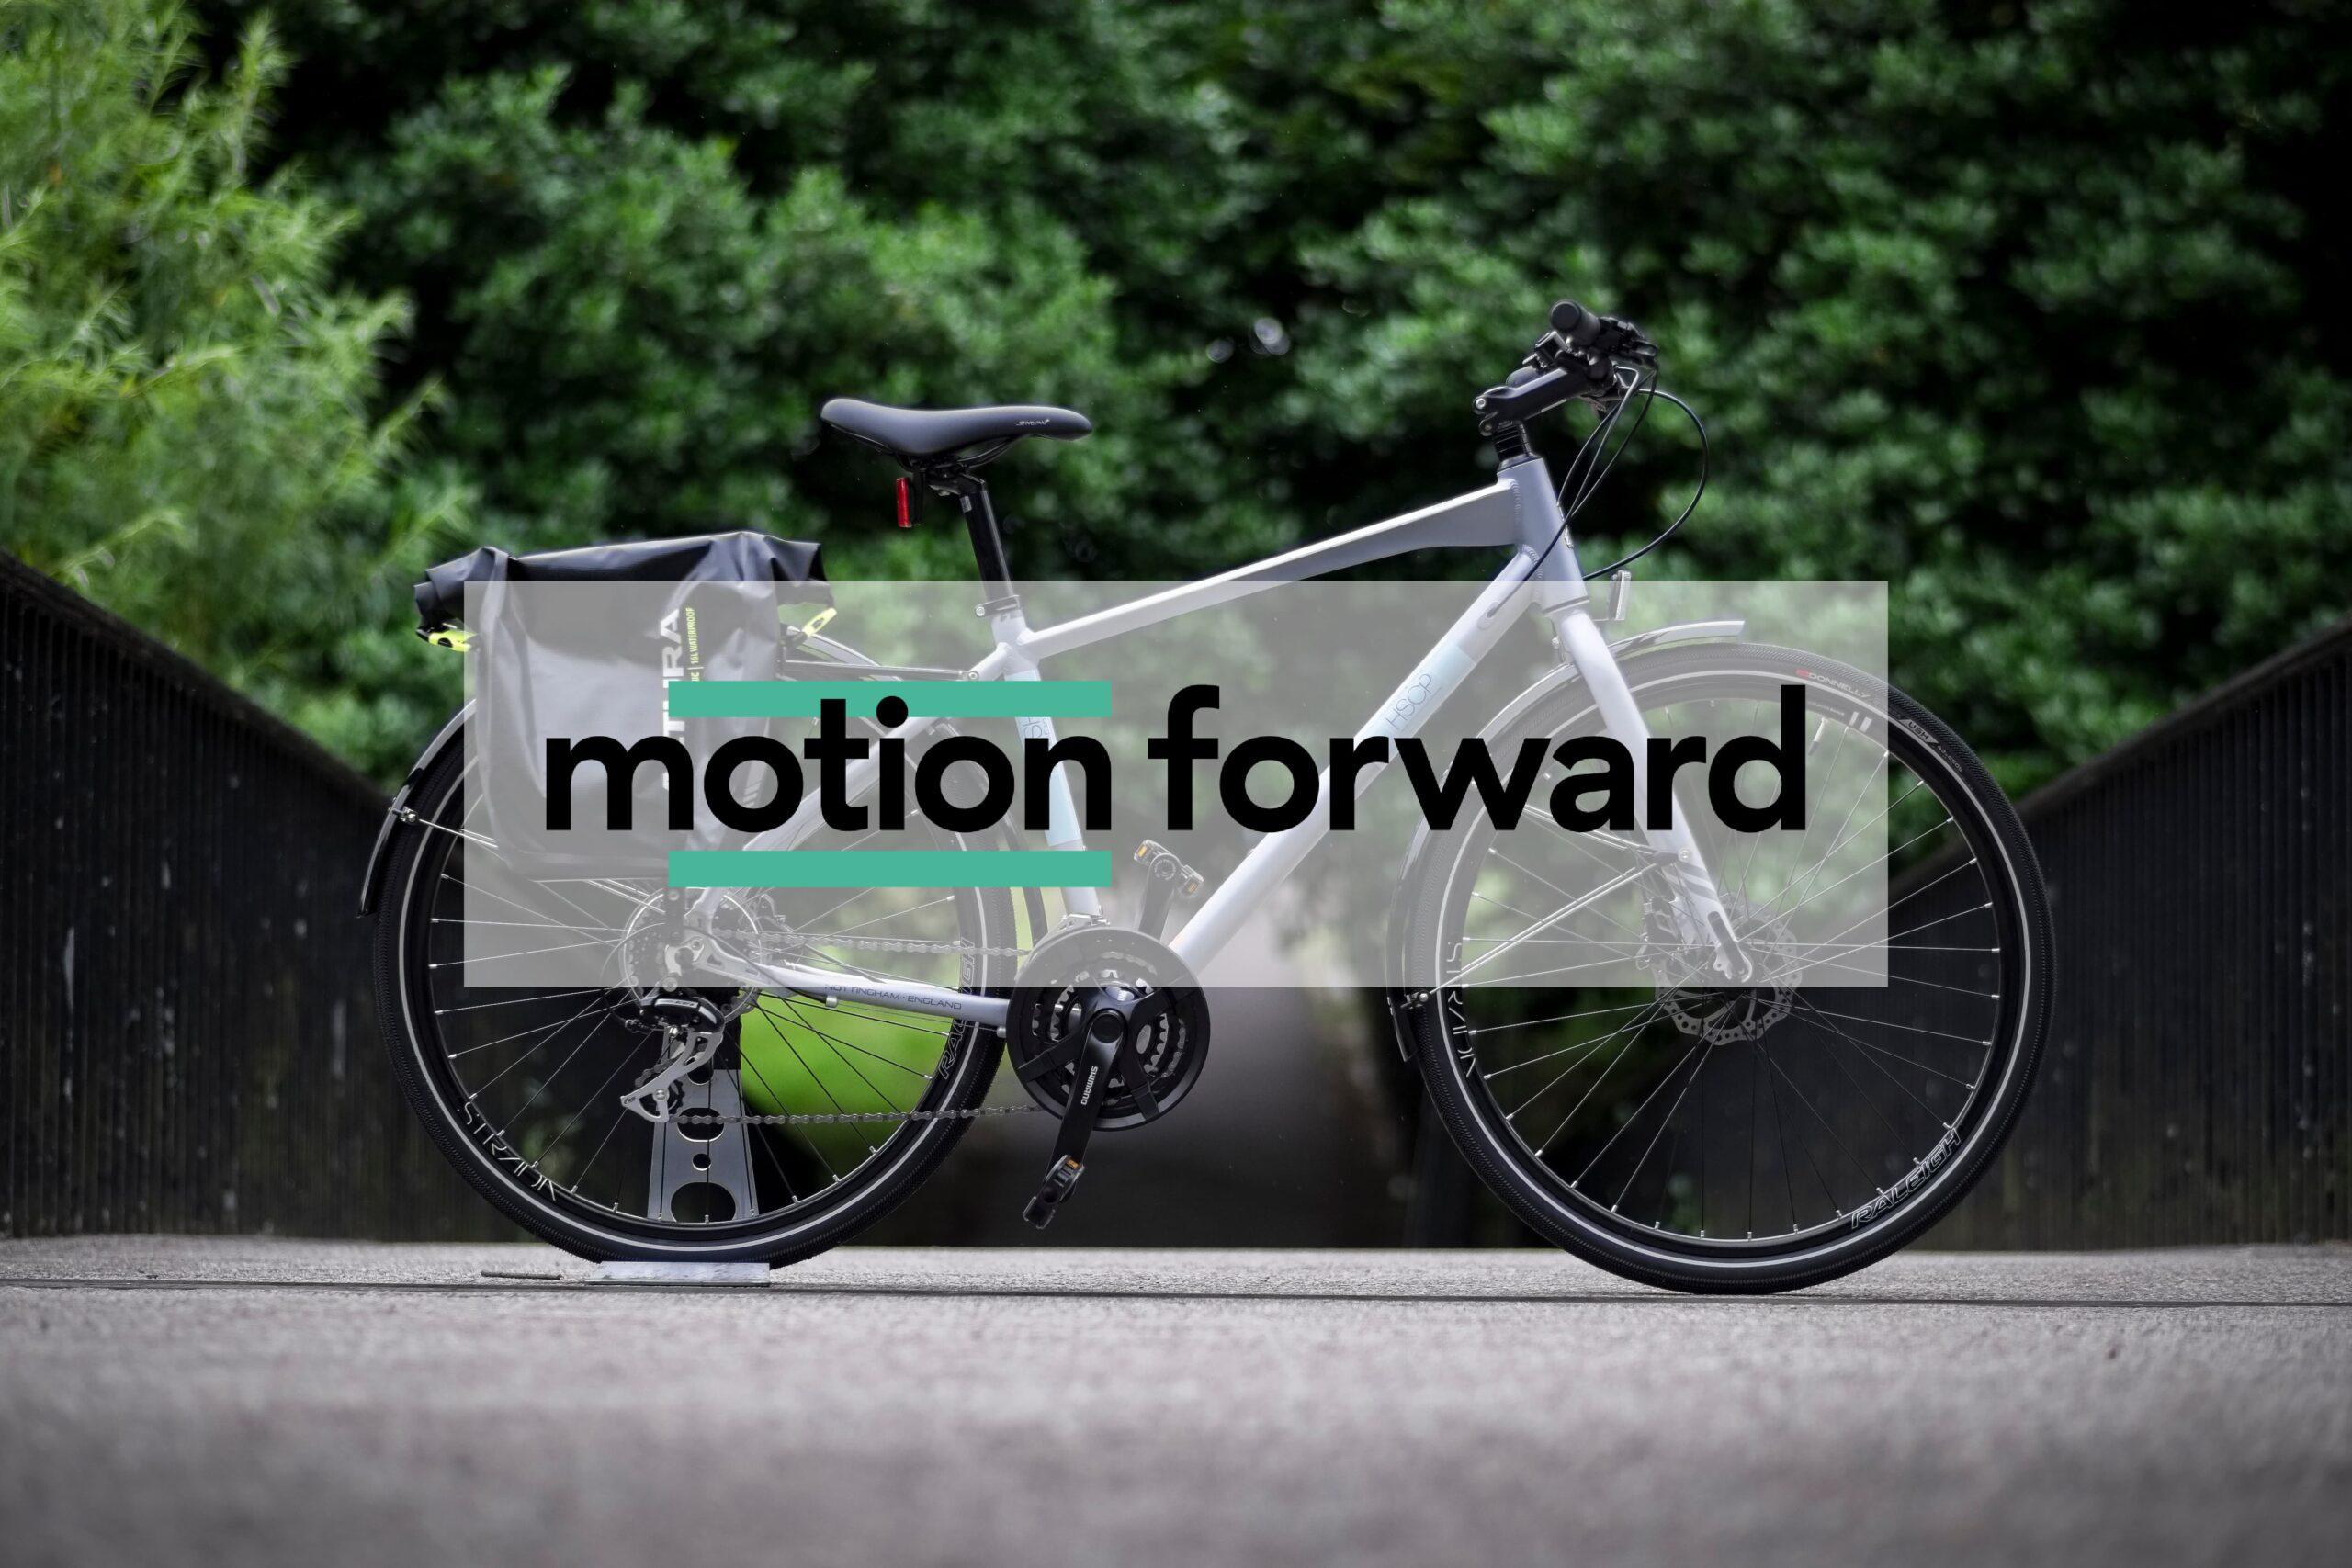 motion forward